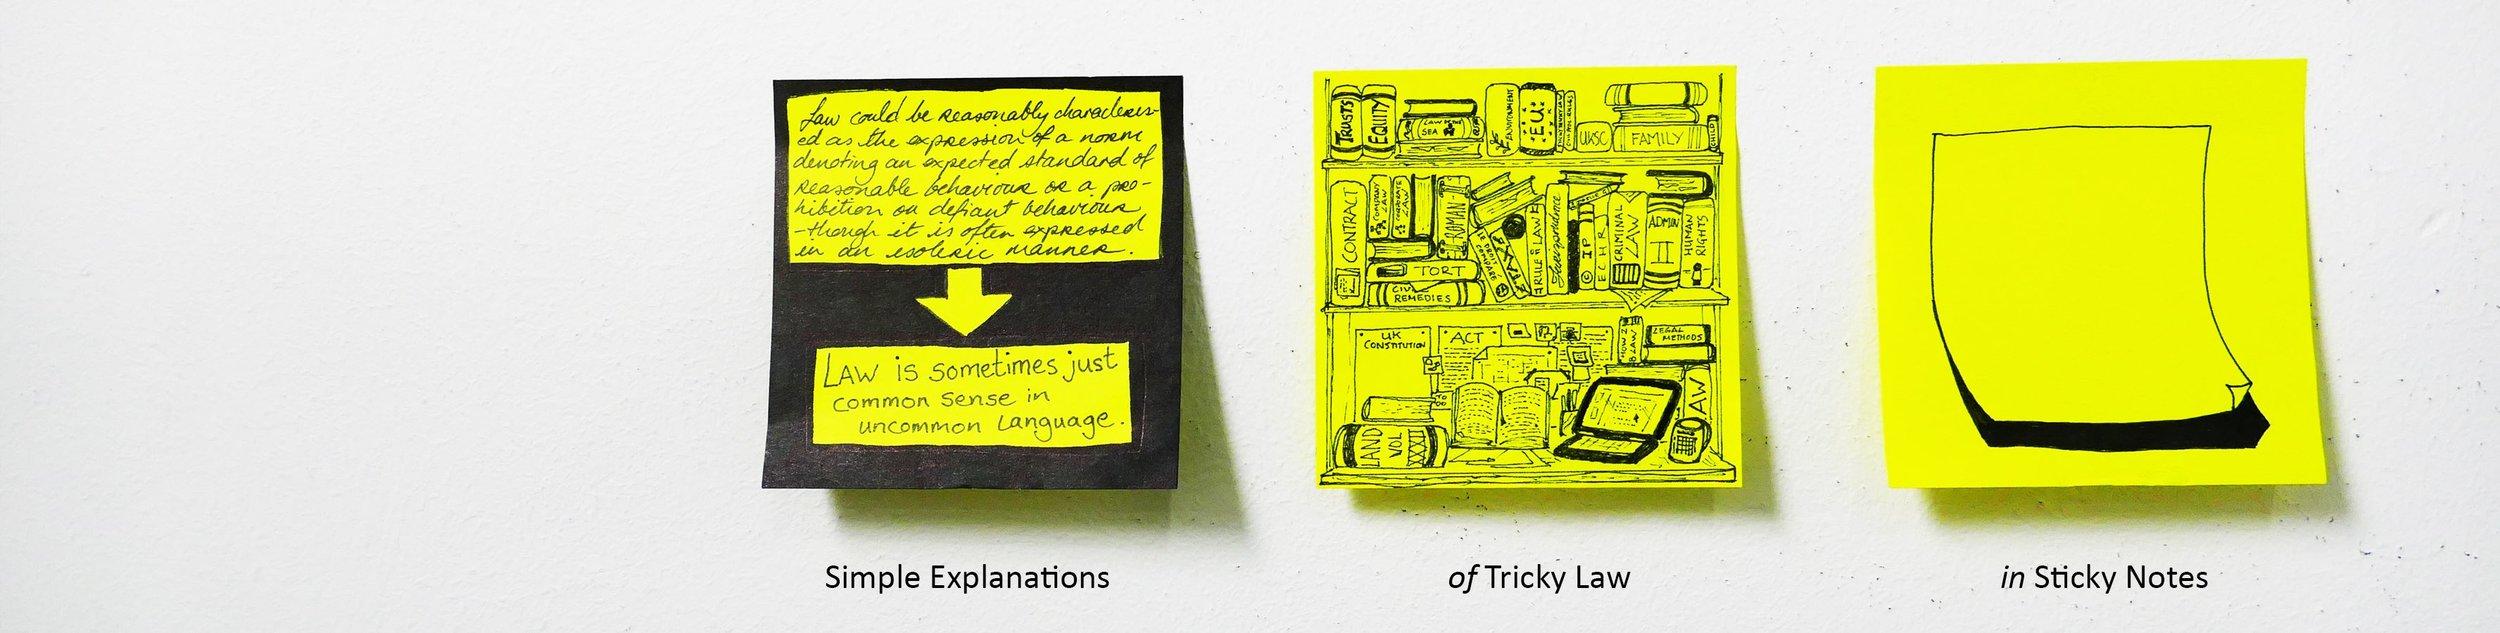 Sticky Tricky Law 2.jpg